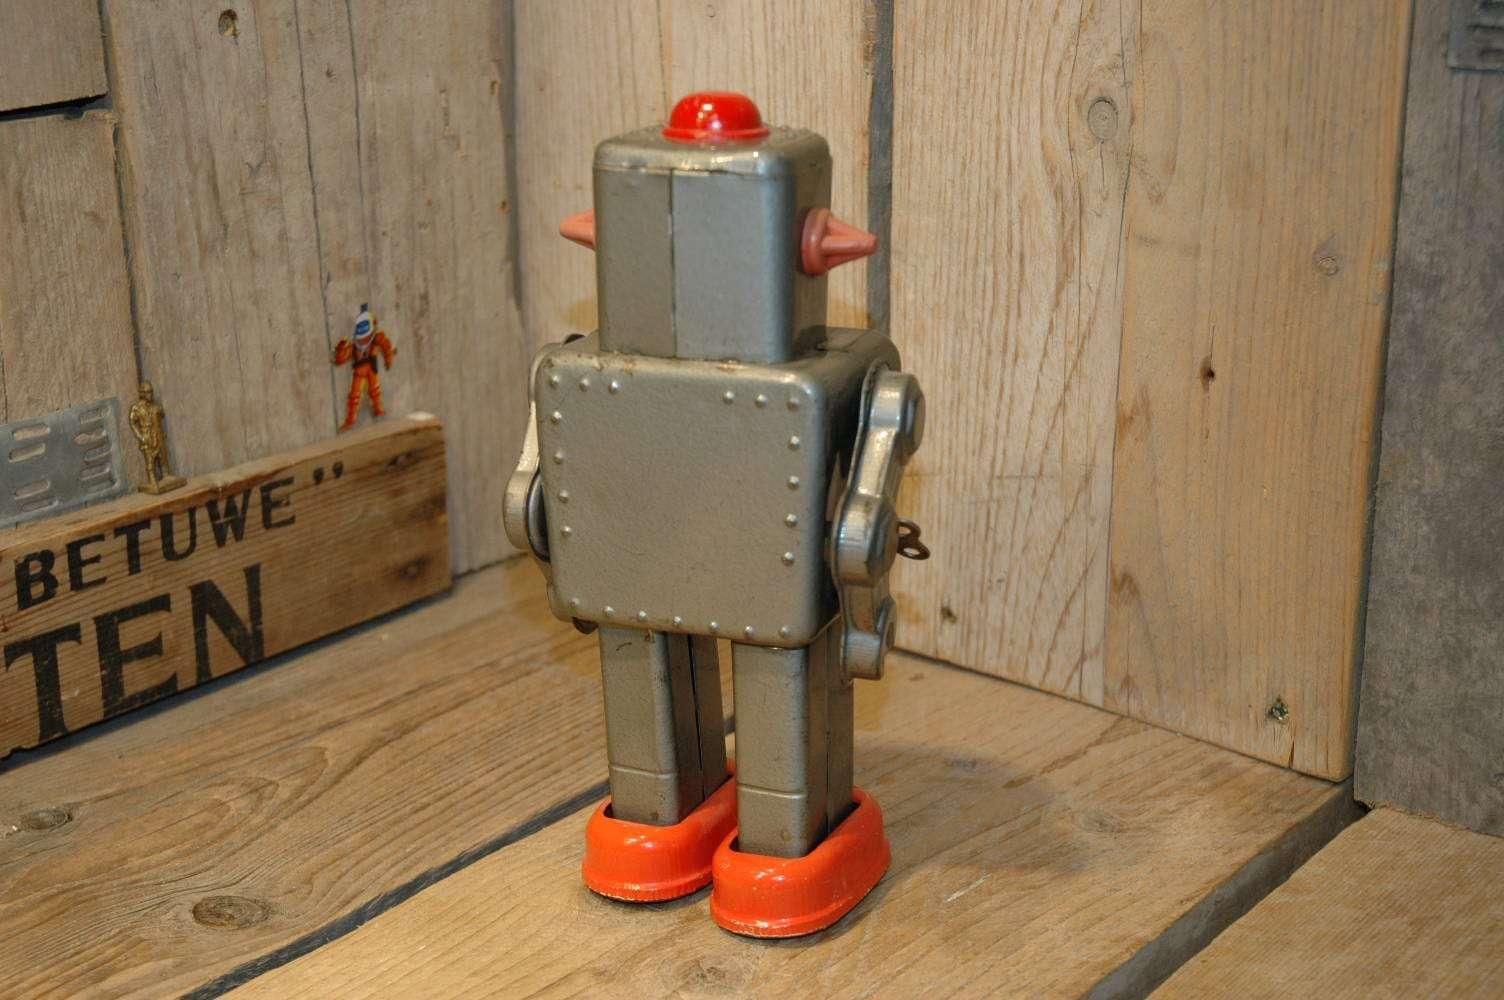 yonezawa - winky robot